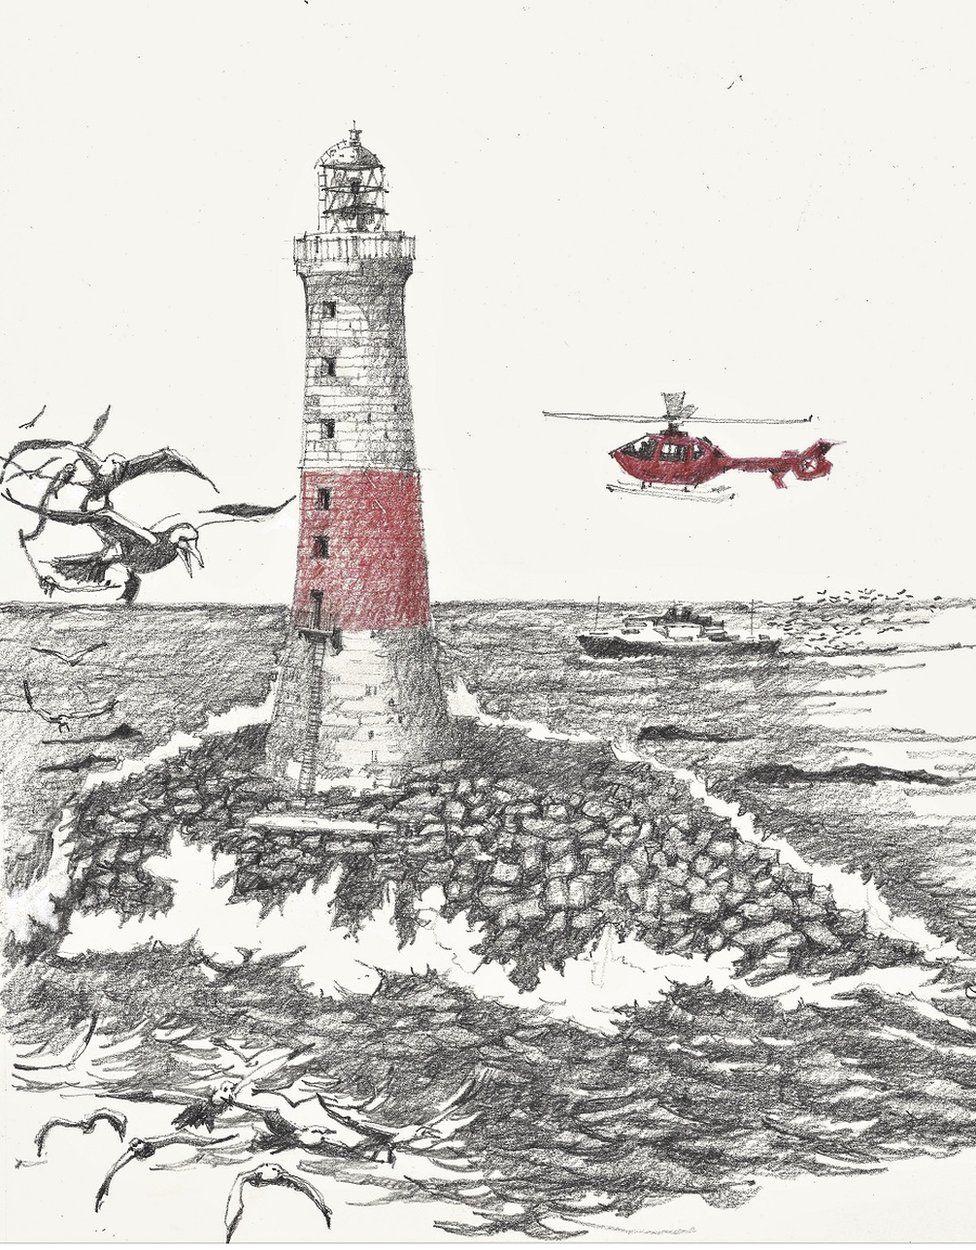 Dubh Artach lighthouse